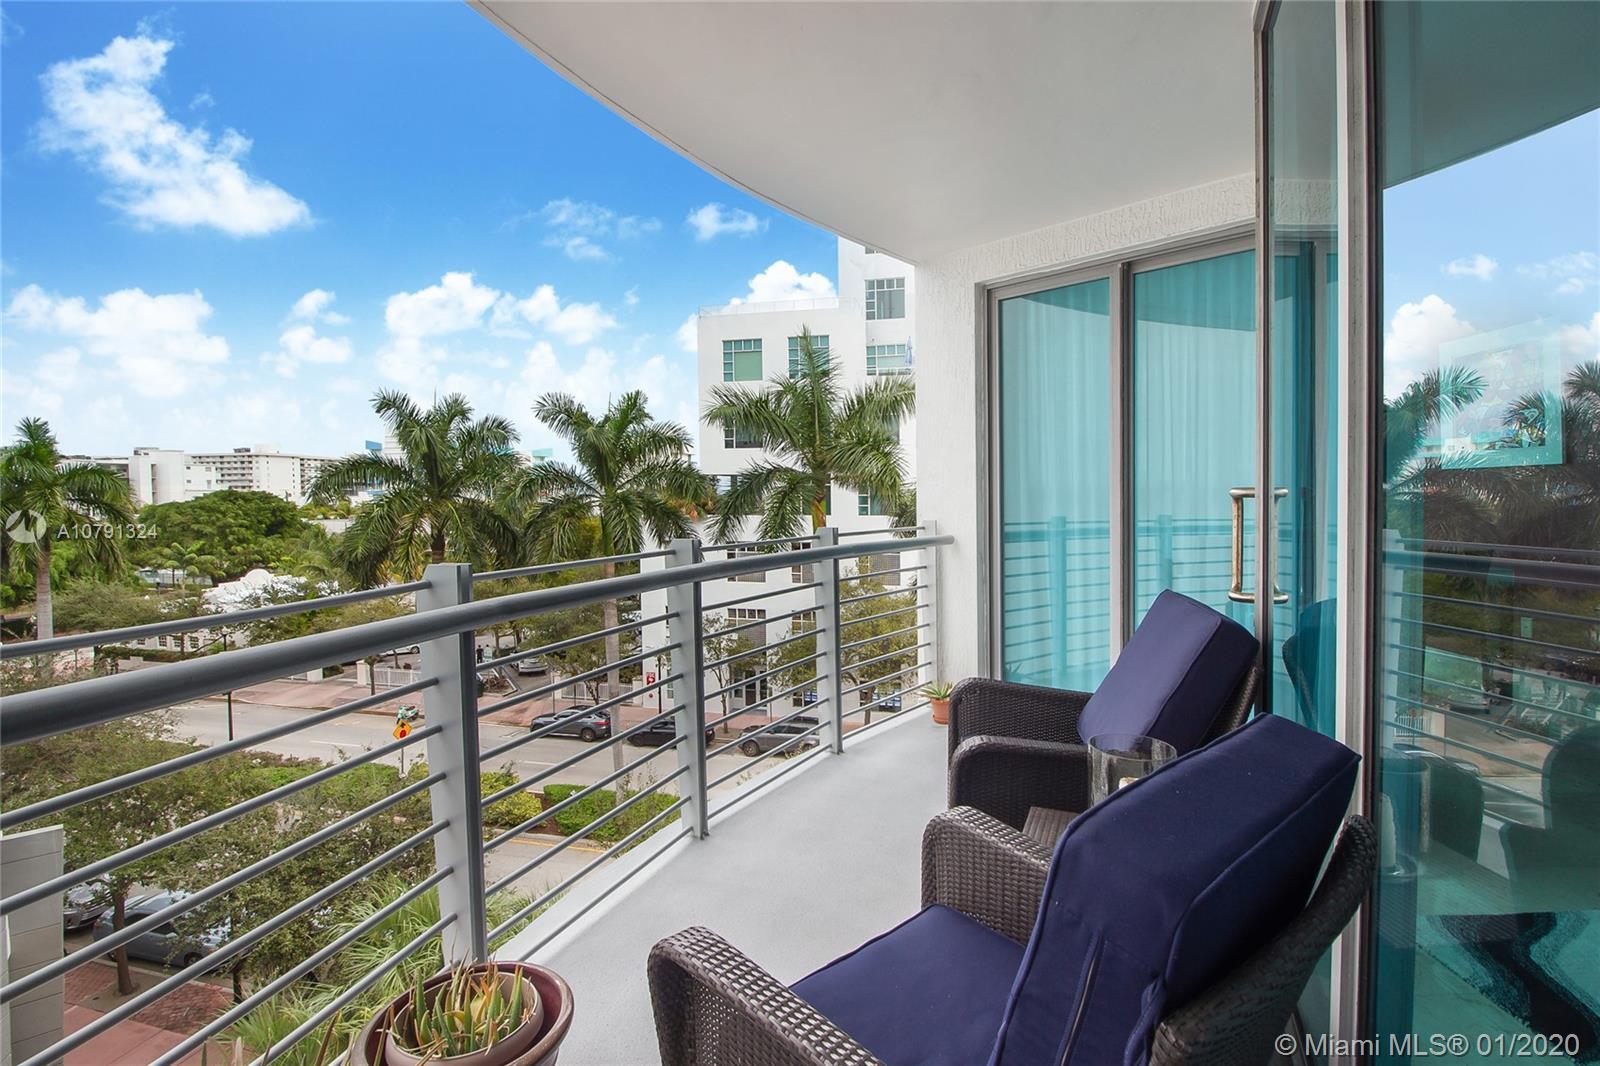 110 Washington Ave, 1501 - Miami Beach, Florida